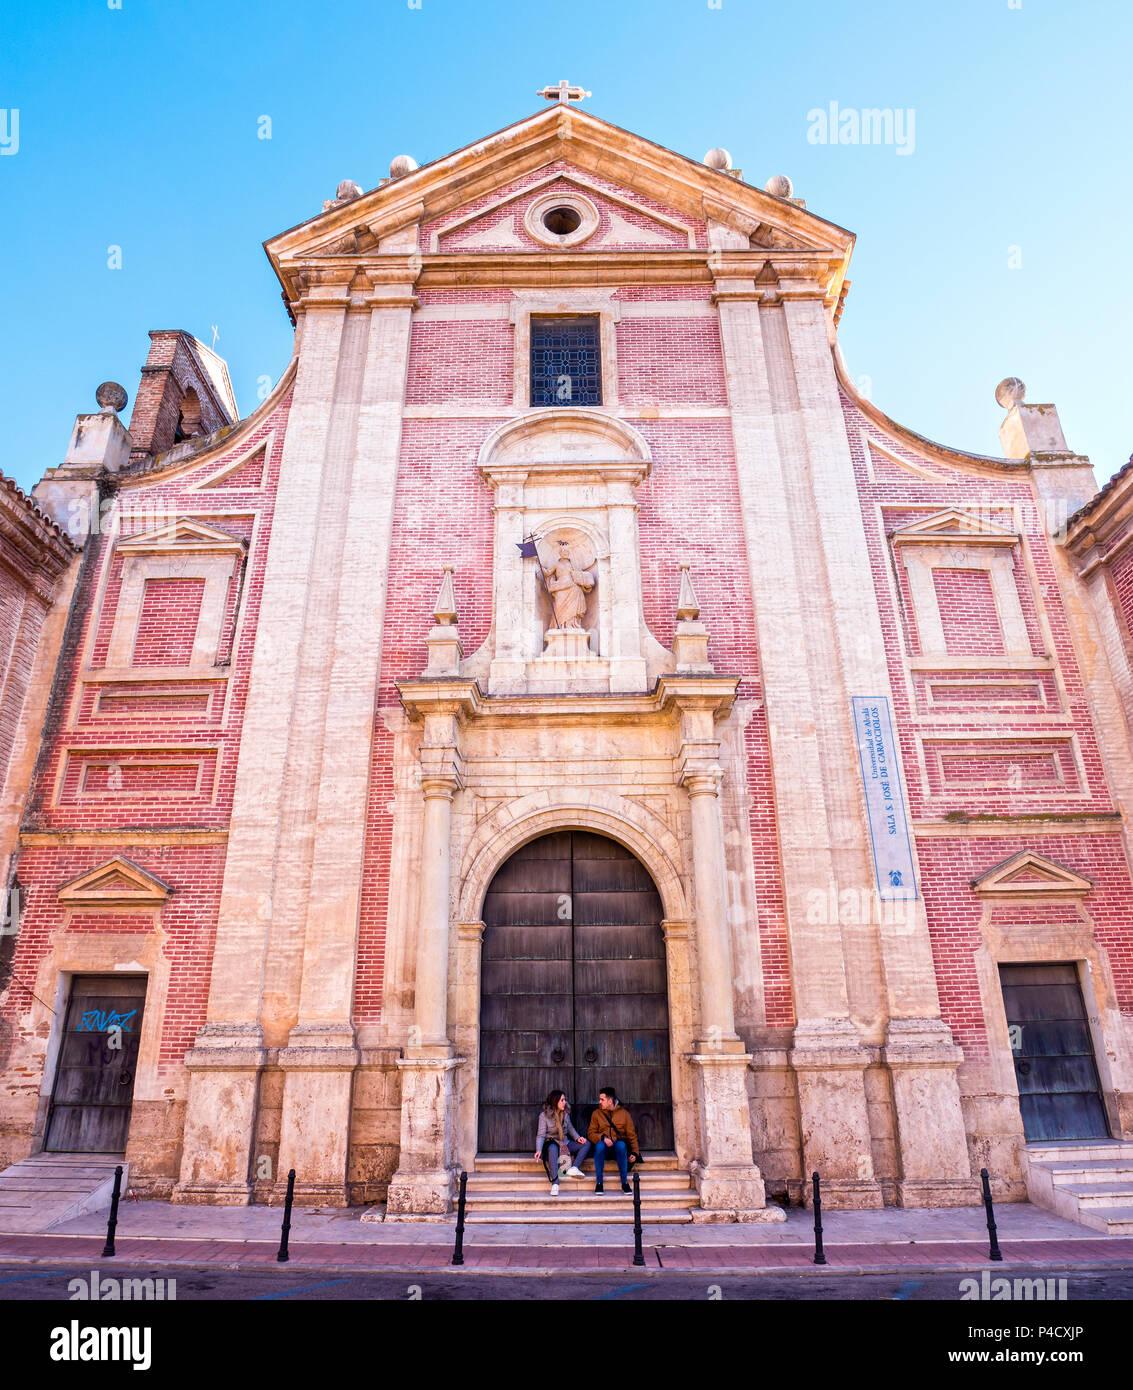 El Colegio convento de San José. Alcalá de Henares. Madrid. España Imagen De Stock